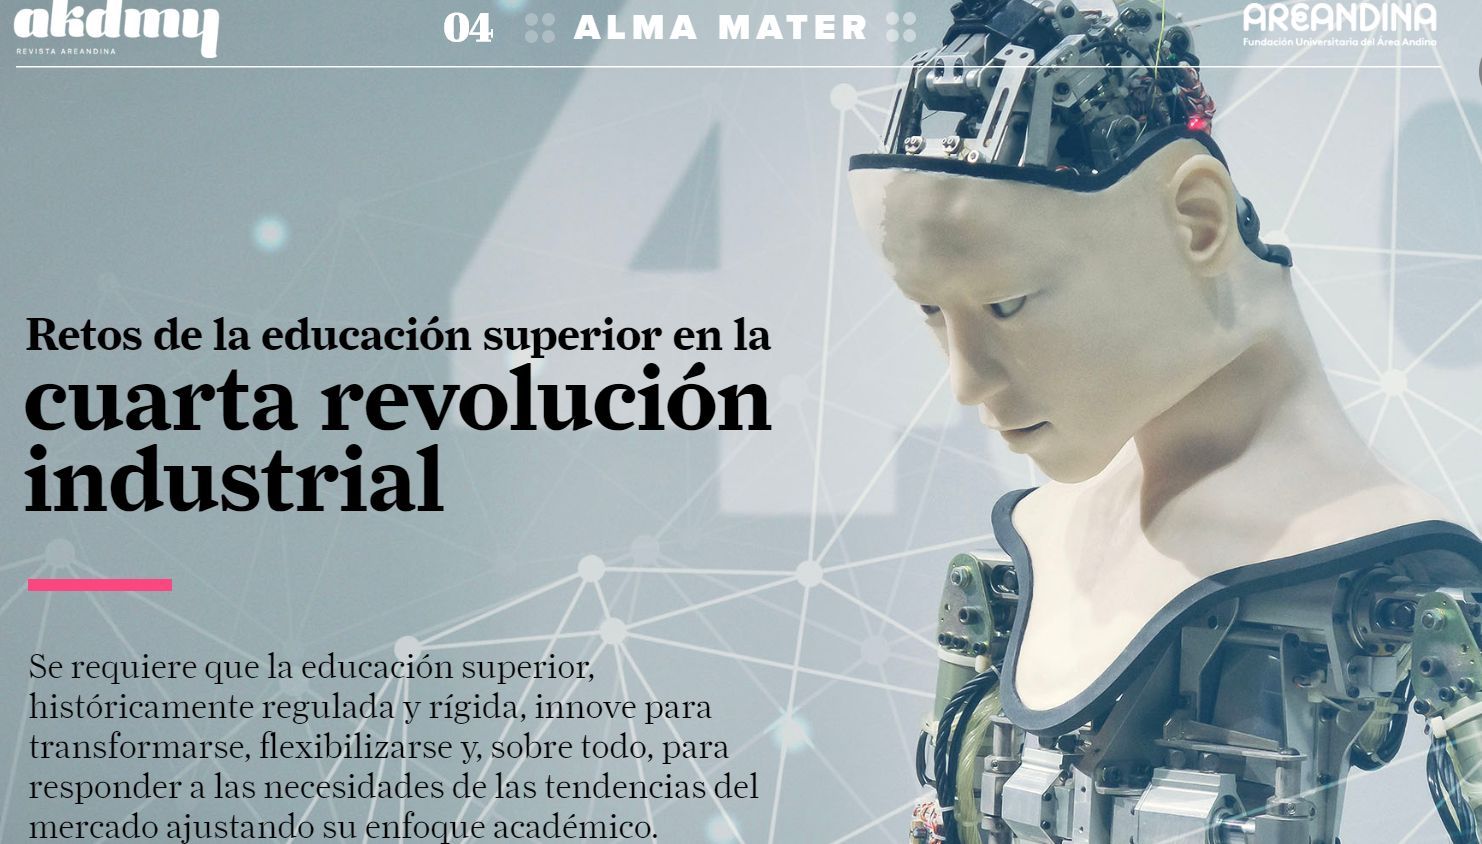 Revista-Akdmy-Cuarta-Revolución-Industrial